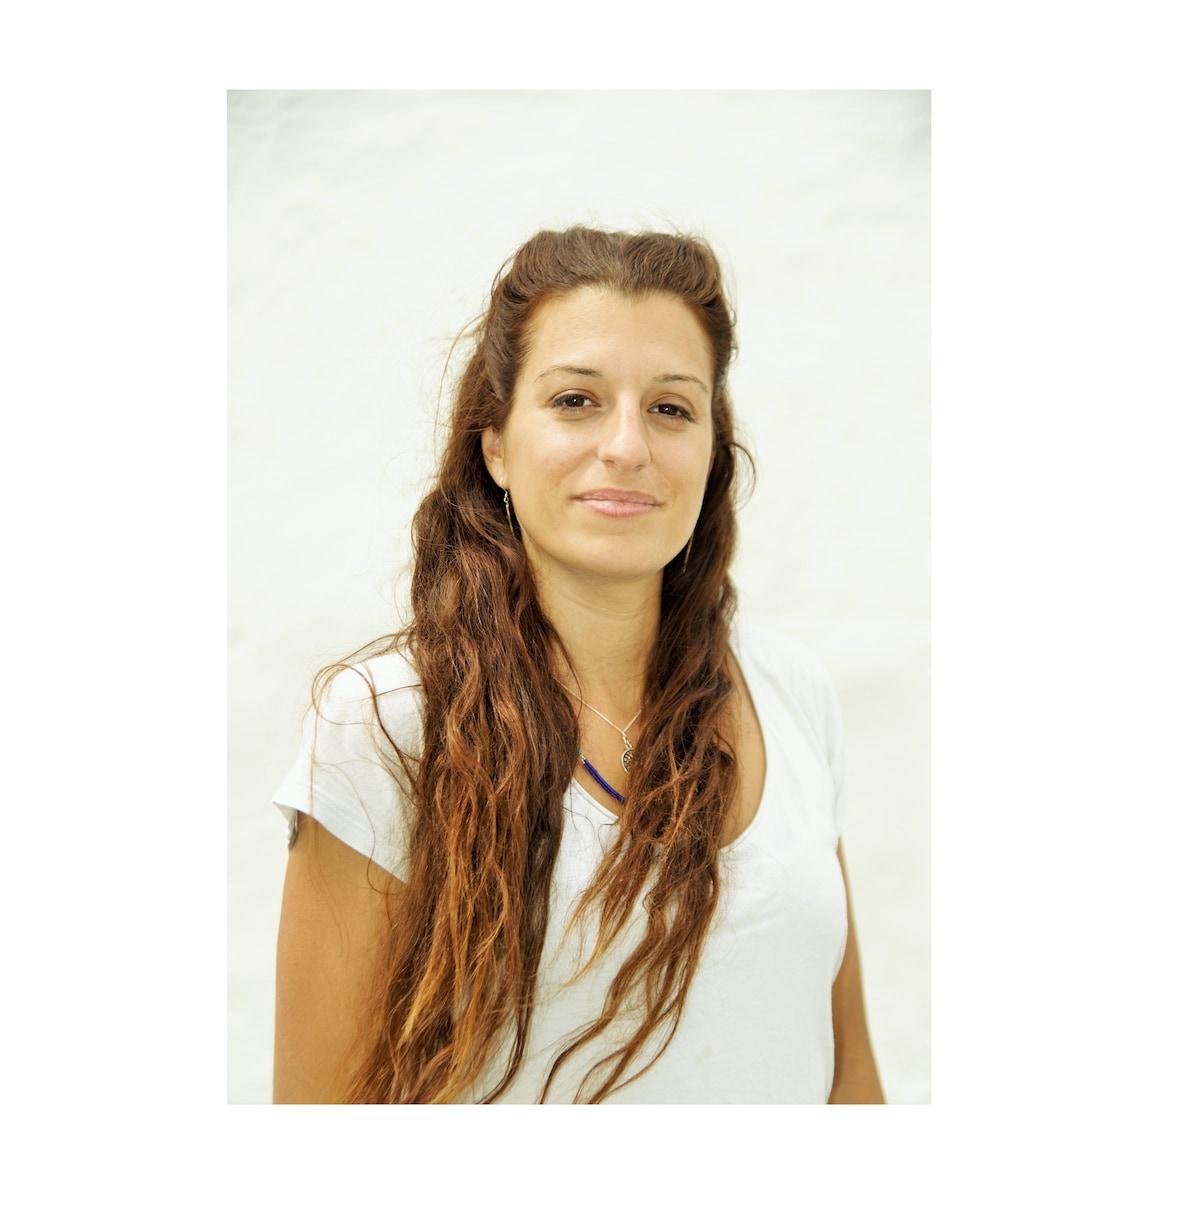 María From Málaga, Spain